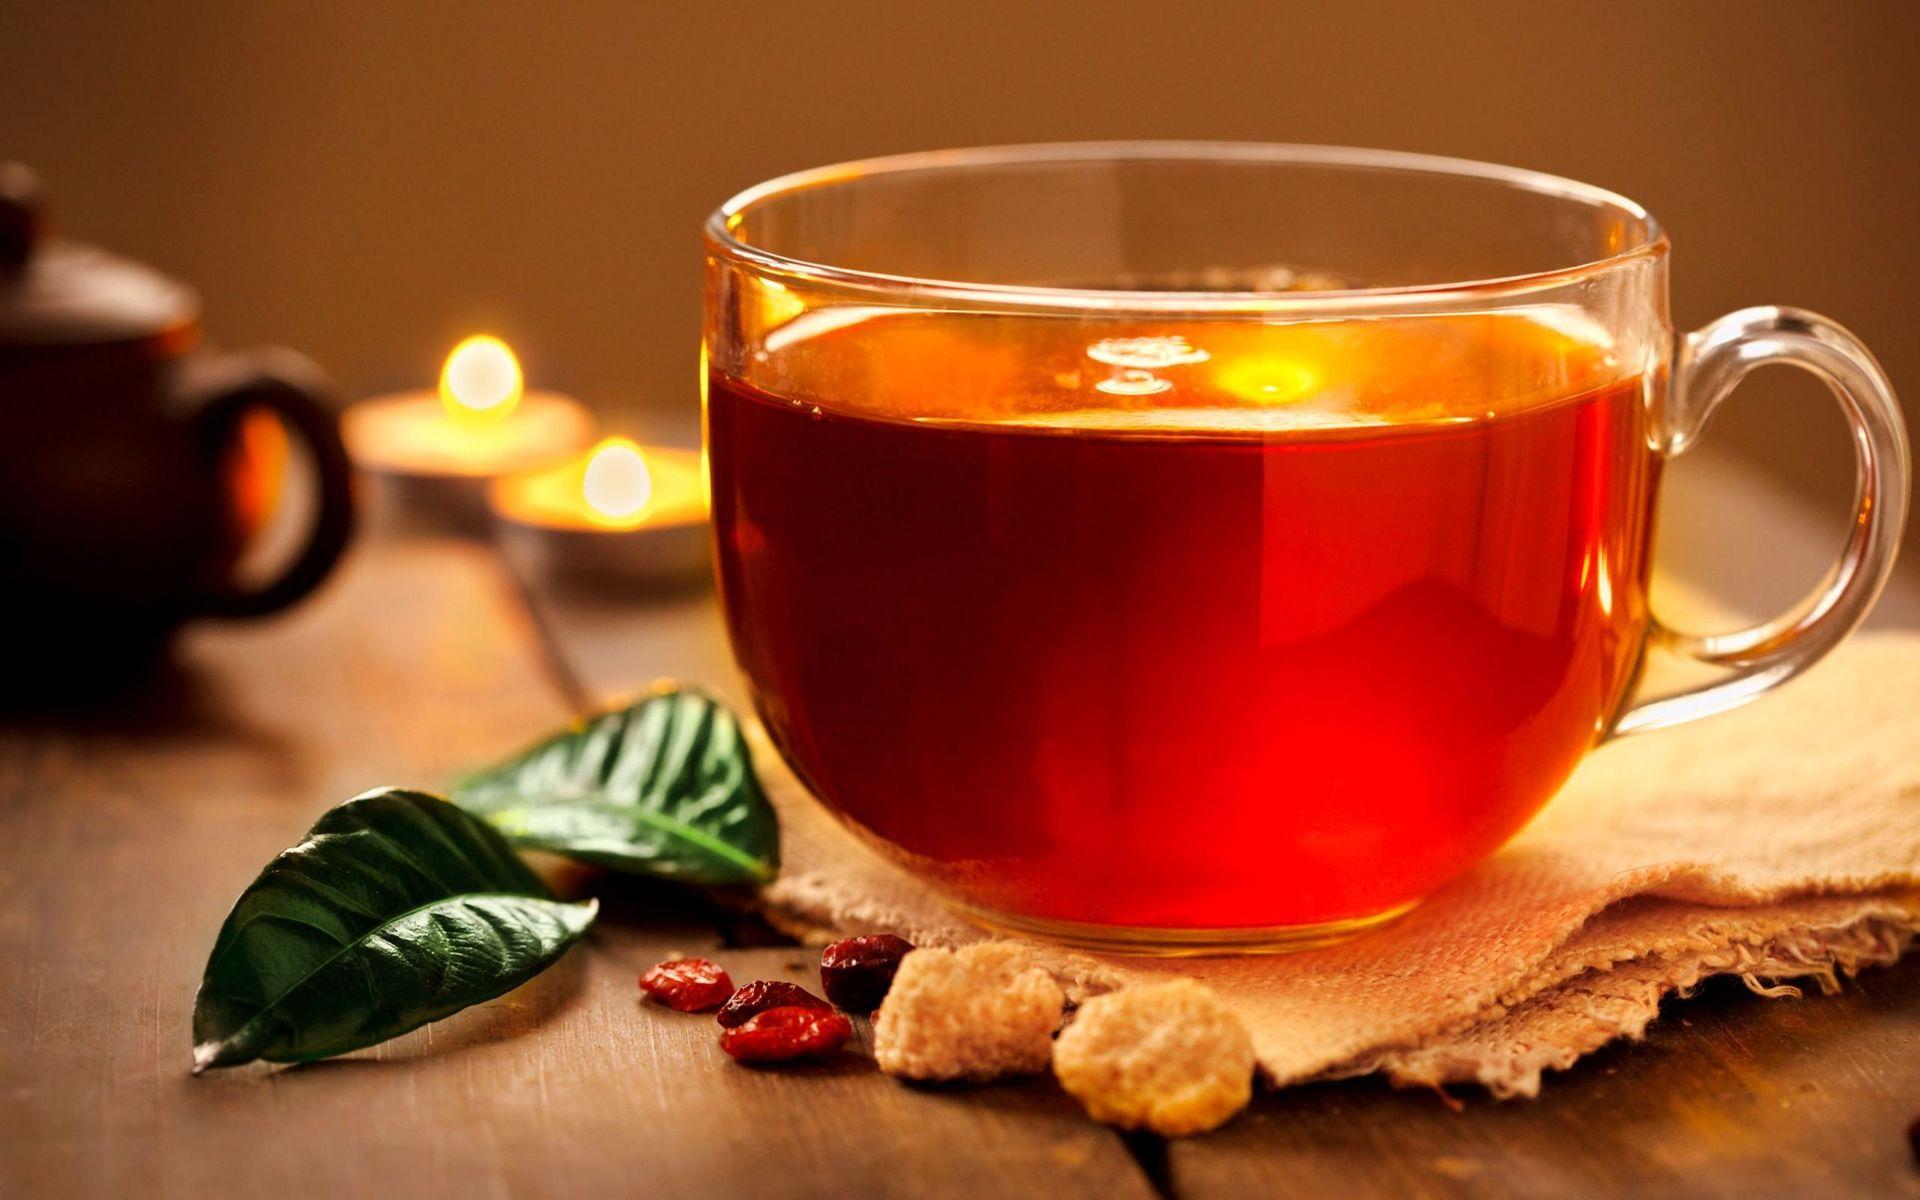 Заваривая чай, не превратите его в яд